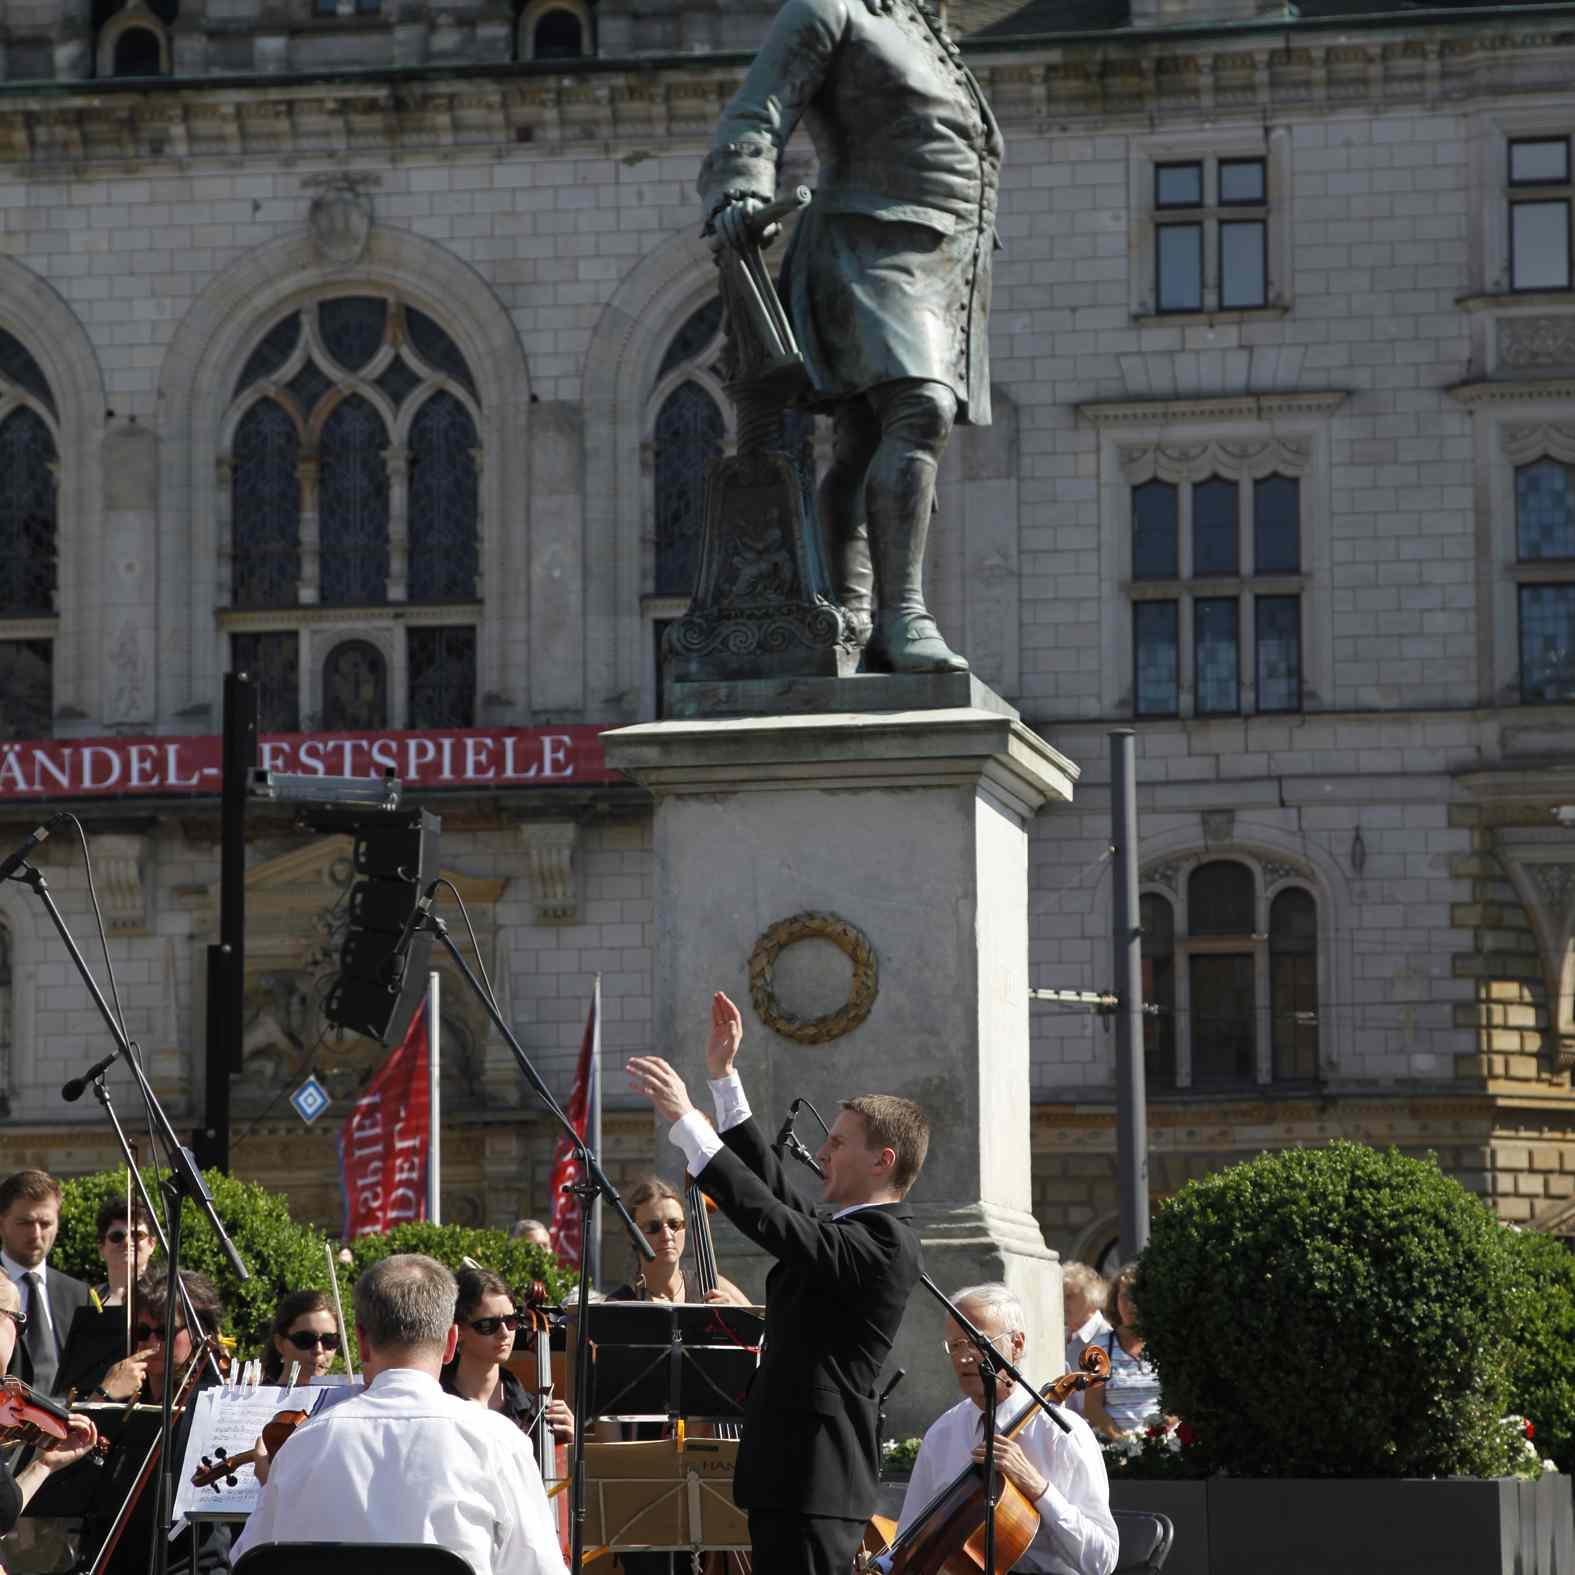 Feierstunde auf dem Marktplatz am Händel-Denkmal